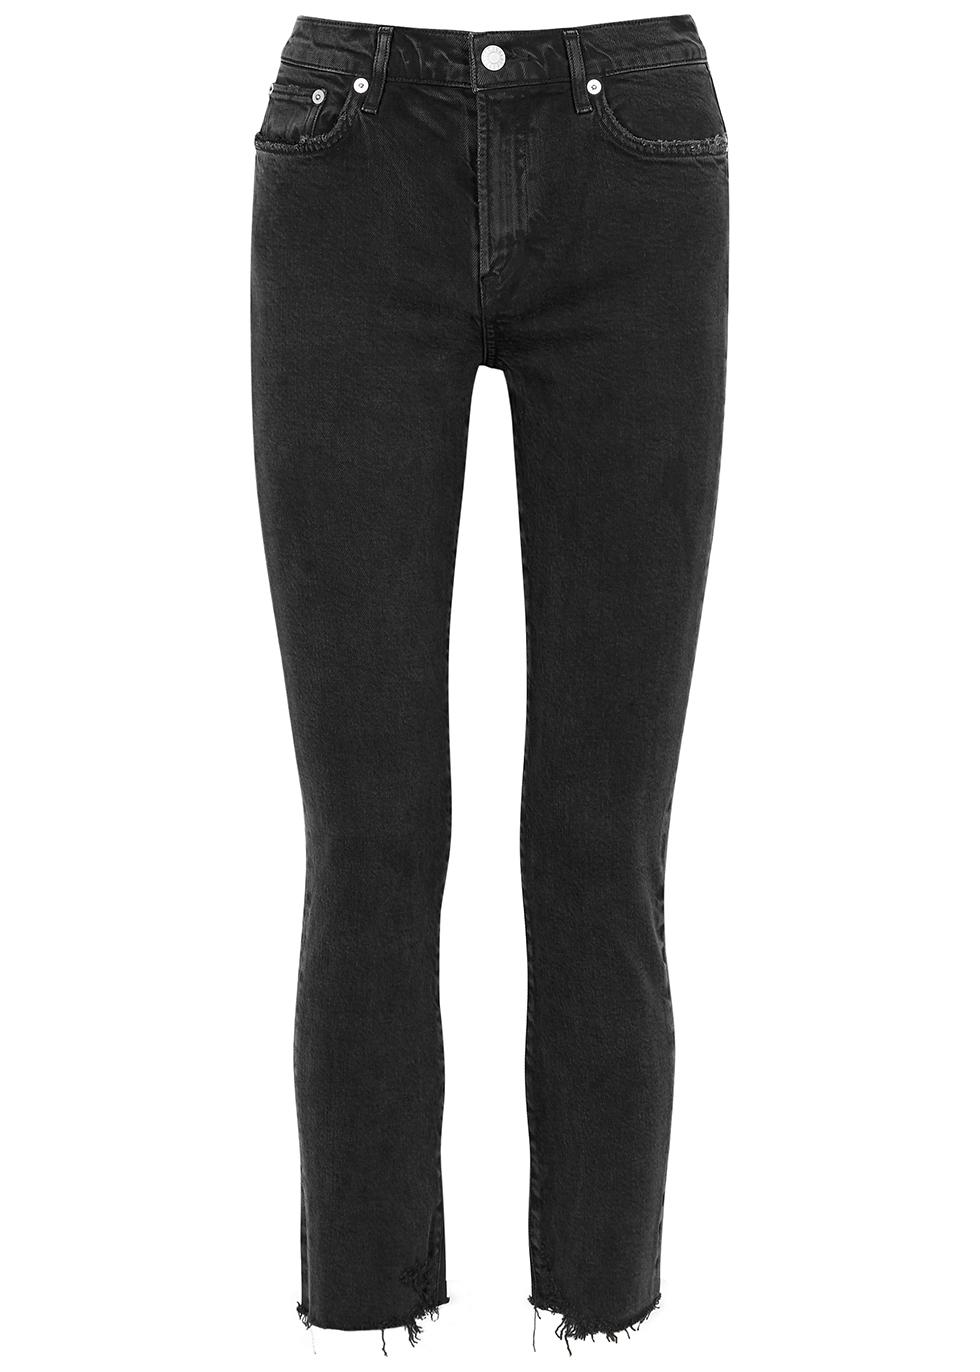 Toni black straight-leg jeans